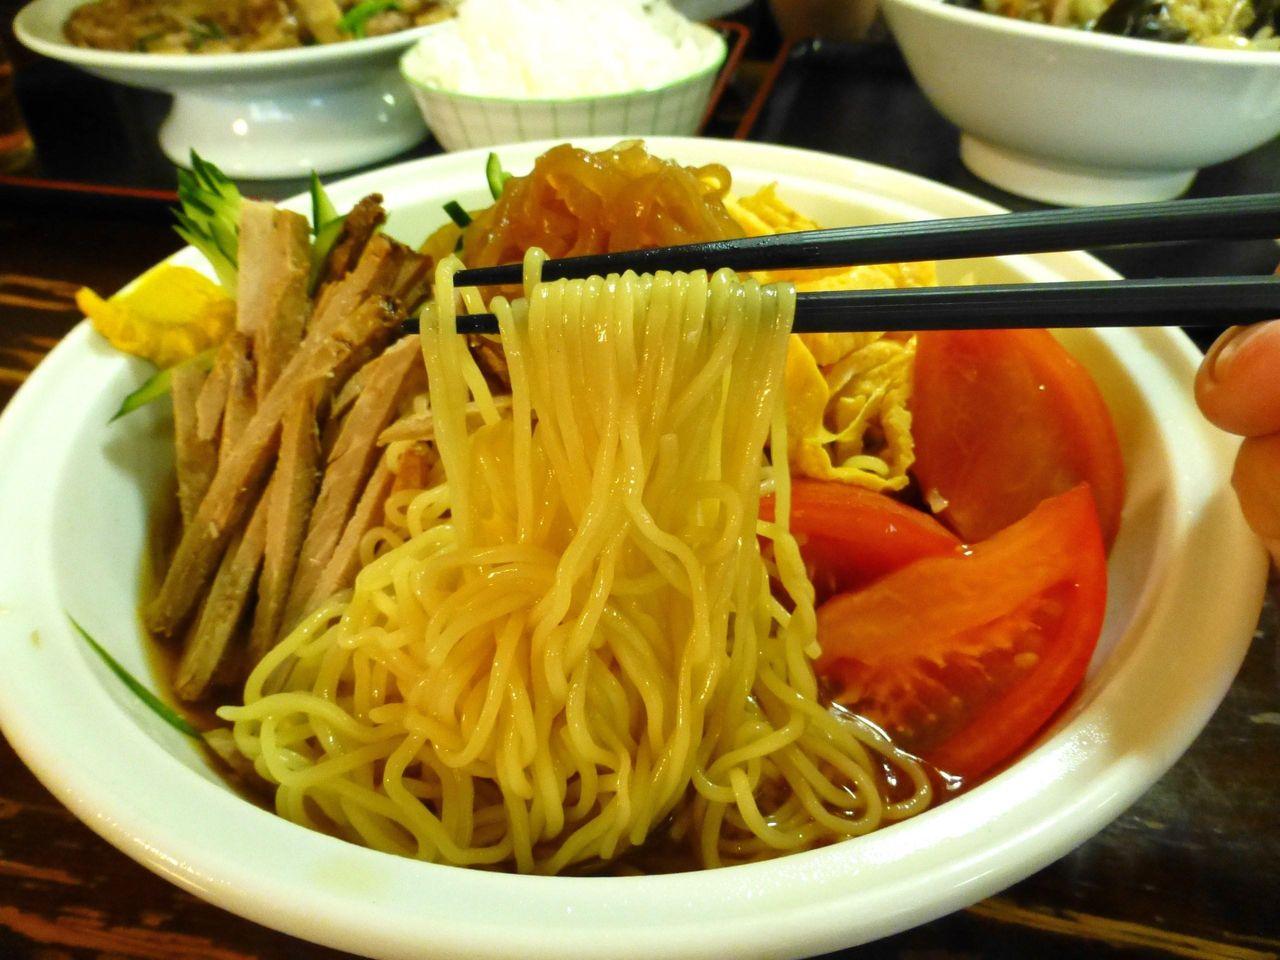 細めの麺はコシが強く、プチンと噛みきる食感が心地よい!